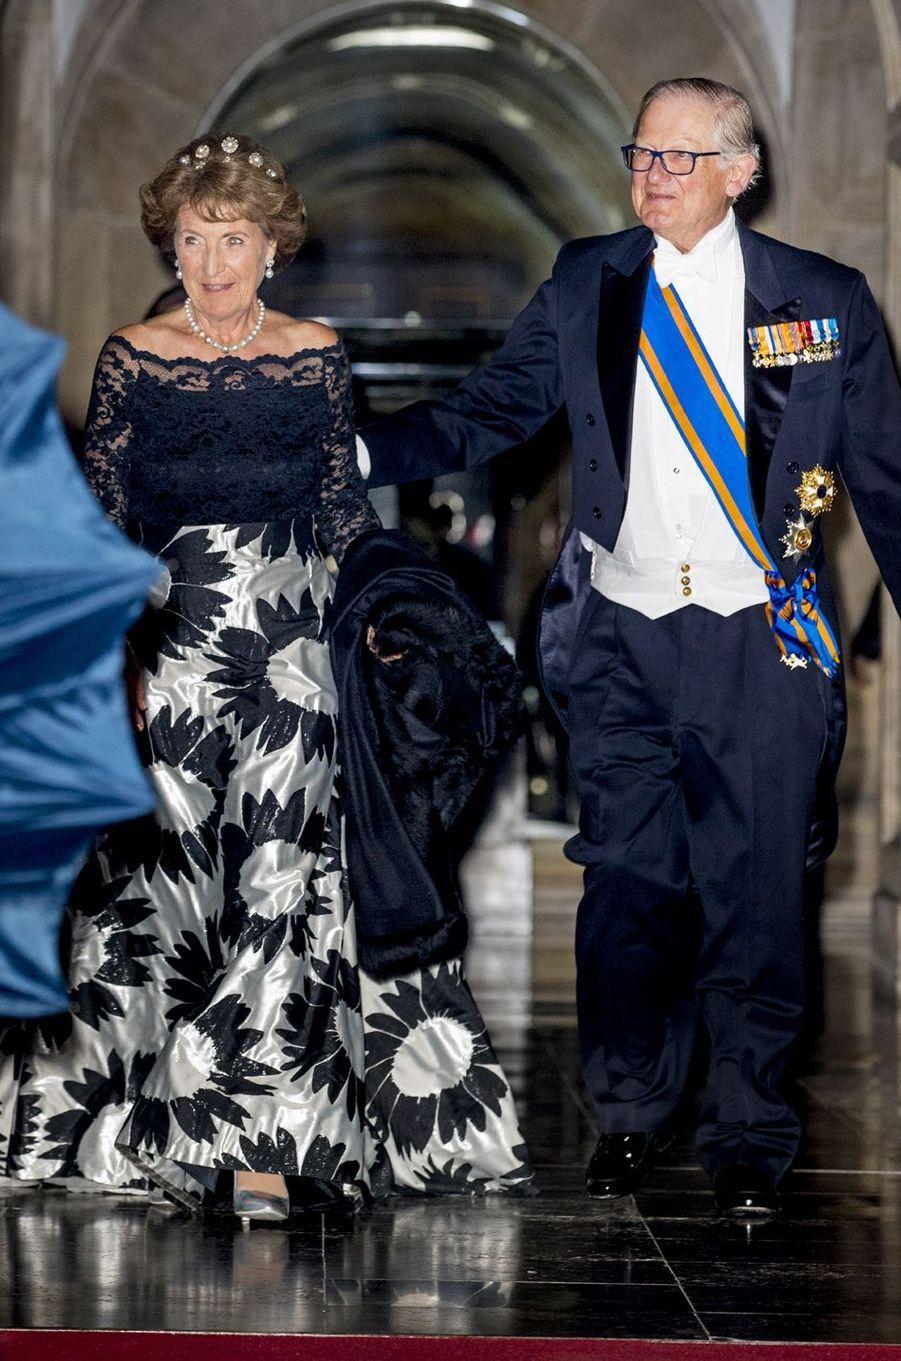 La princesse Margriet des Pays-Bas et son époux à Amsterdam, le 24 avril 2018